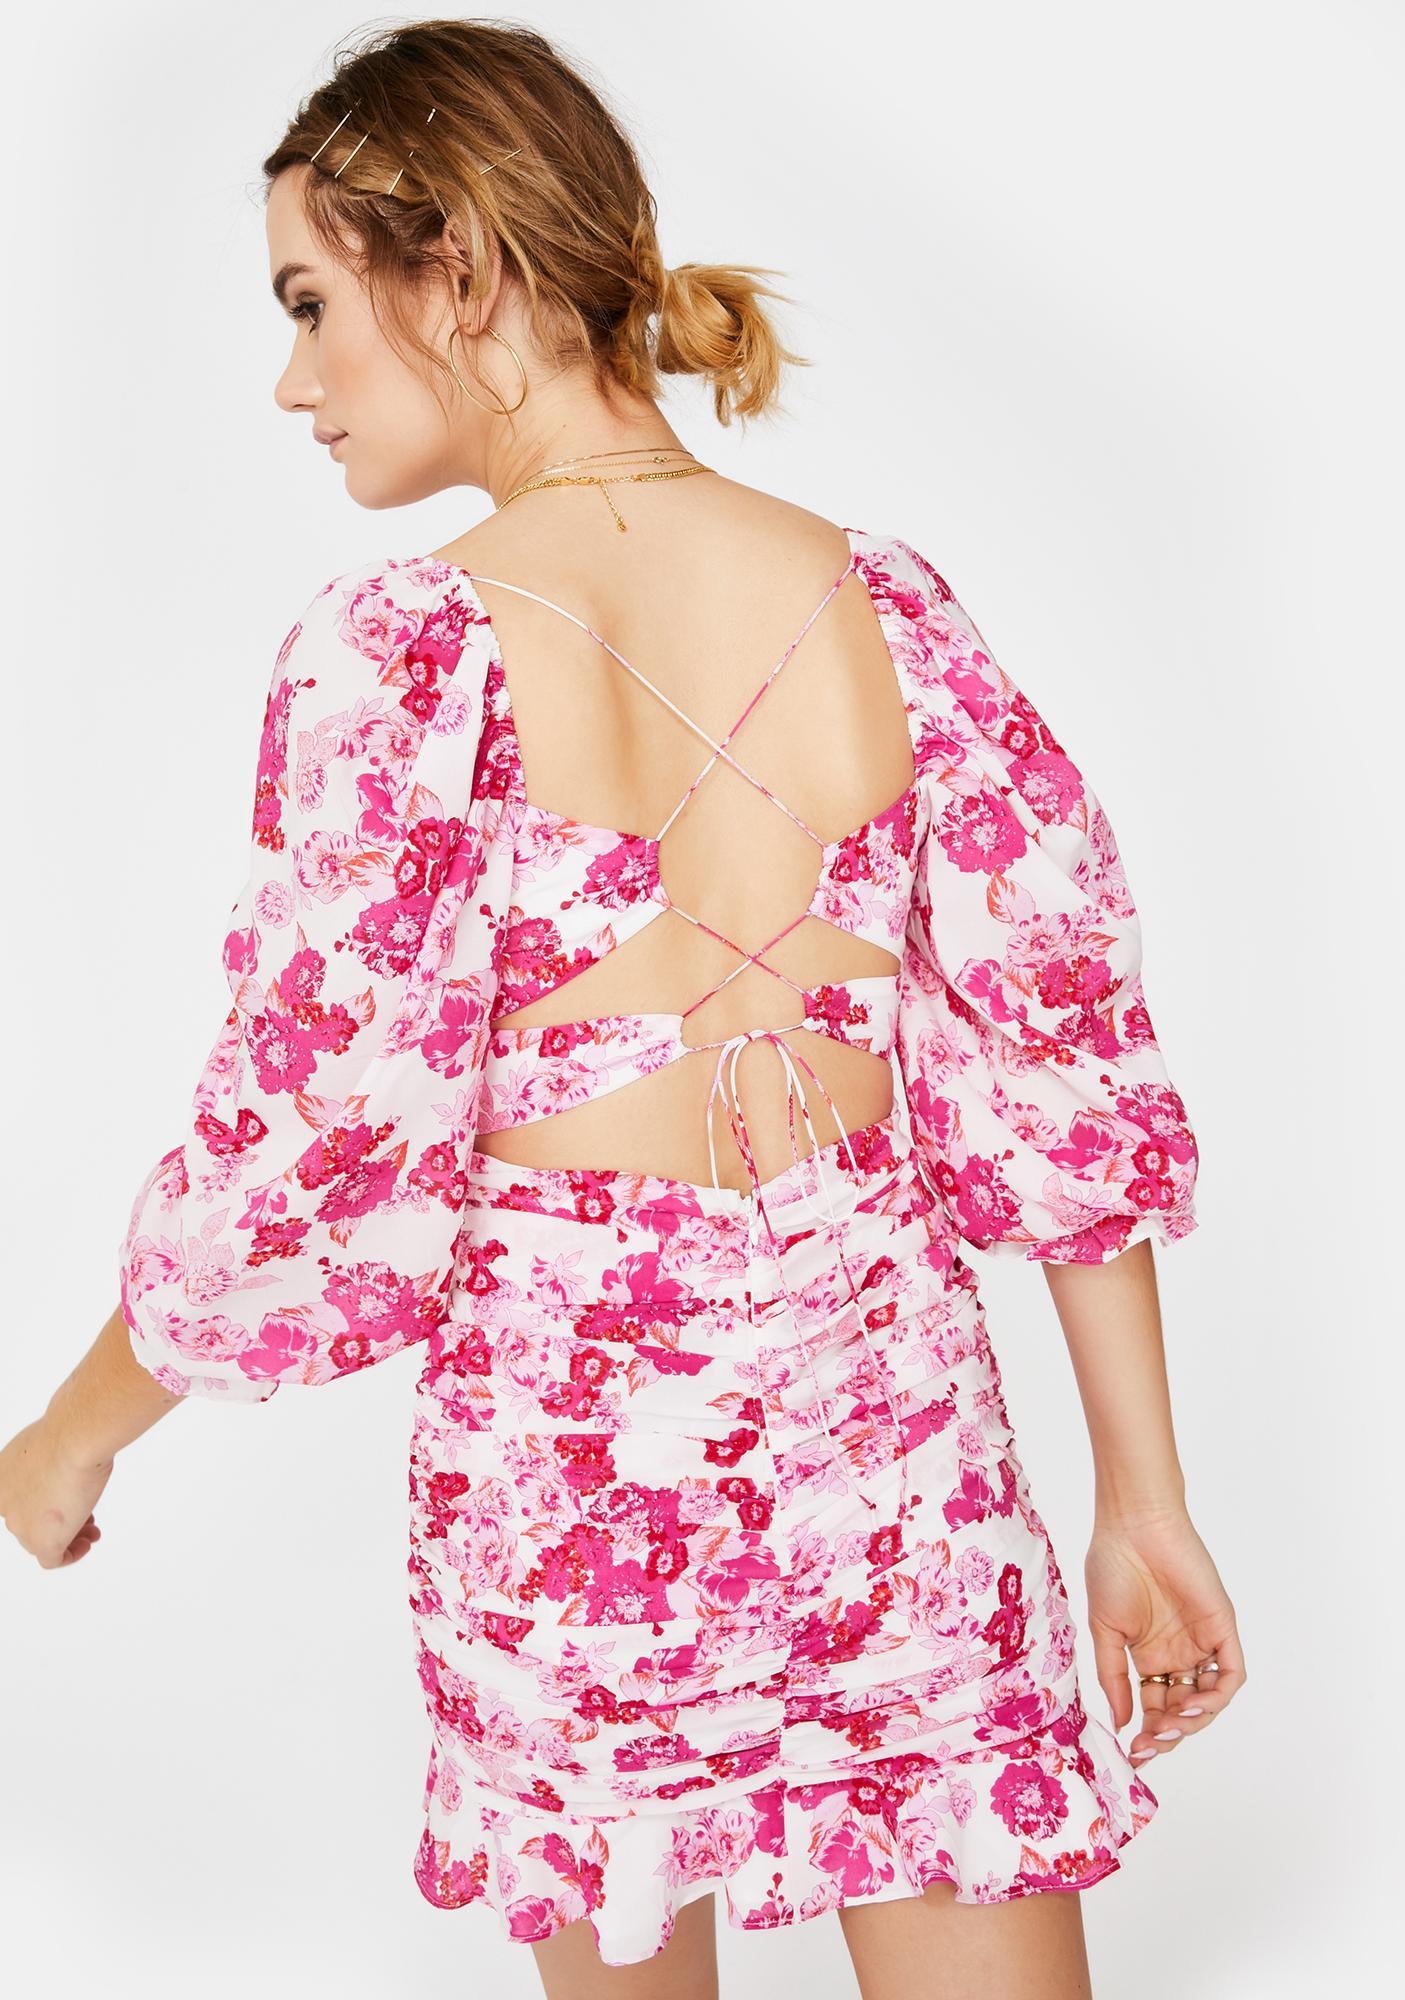 For Love & Lemons Oahu Ruched Mini Dress